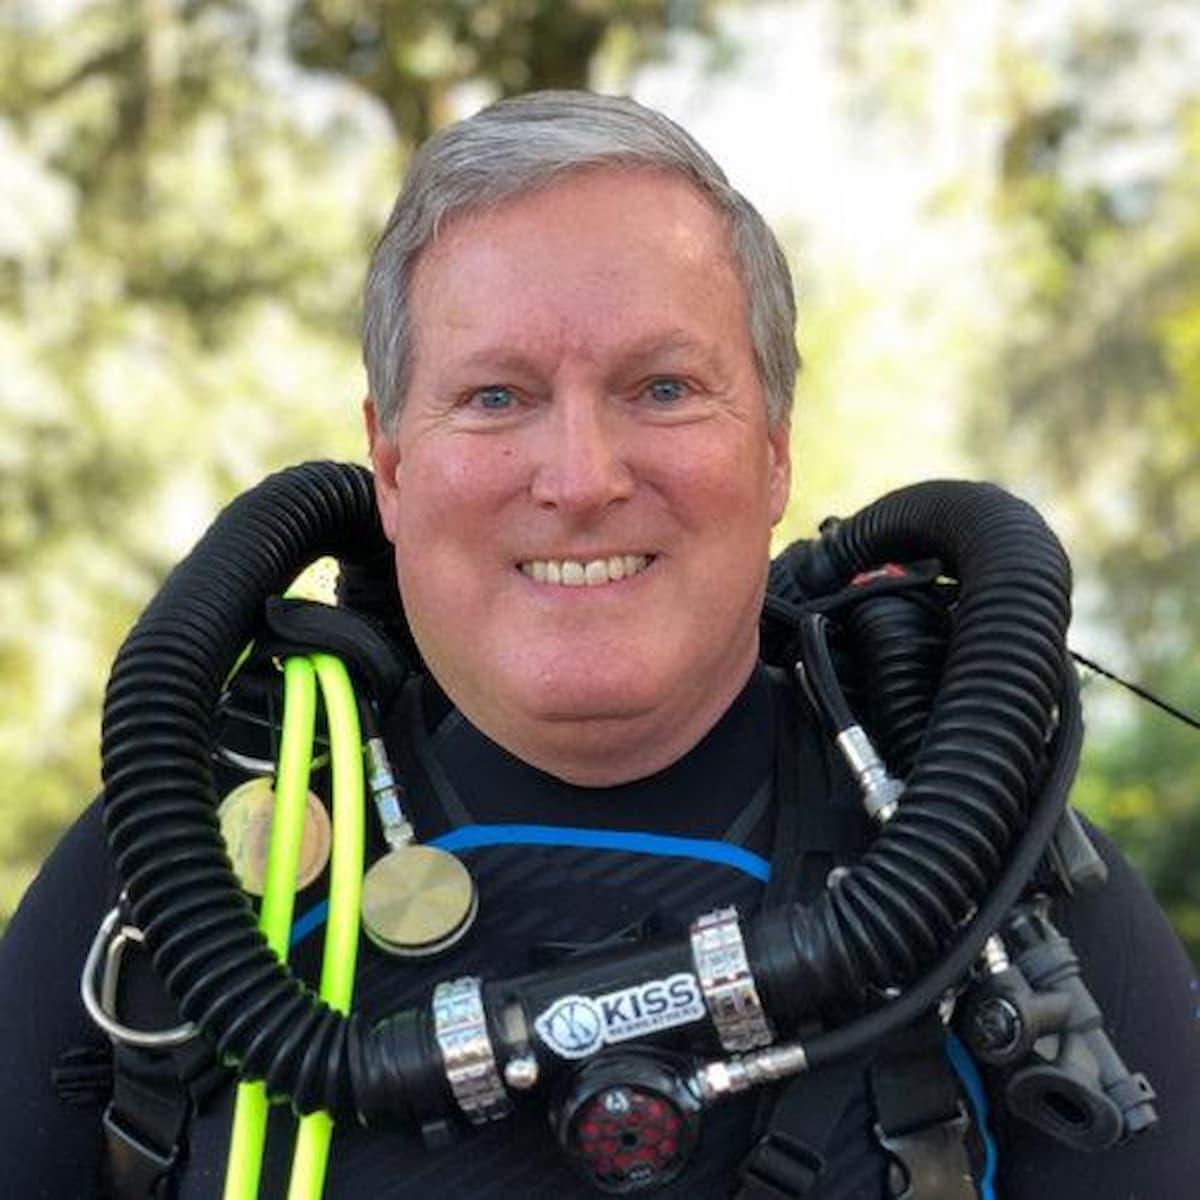 COVID-19, The Diver Medic